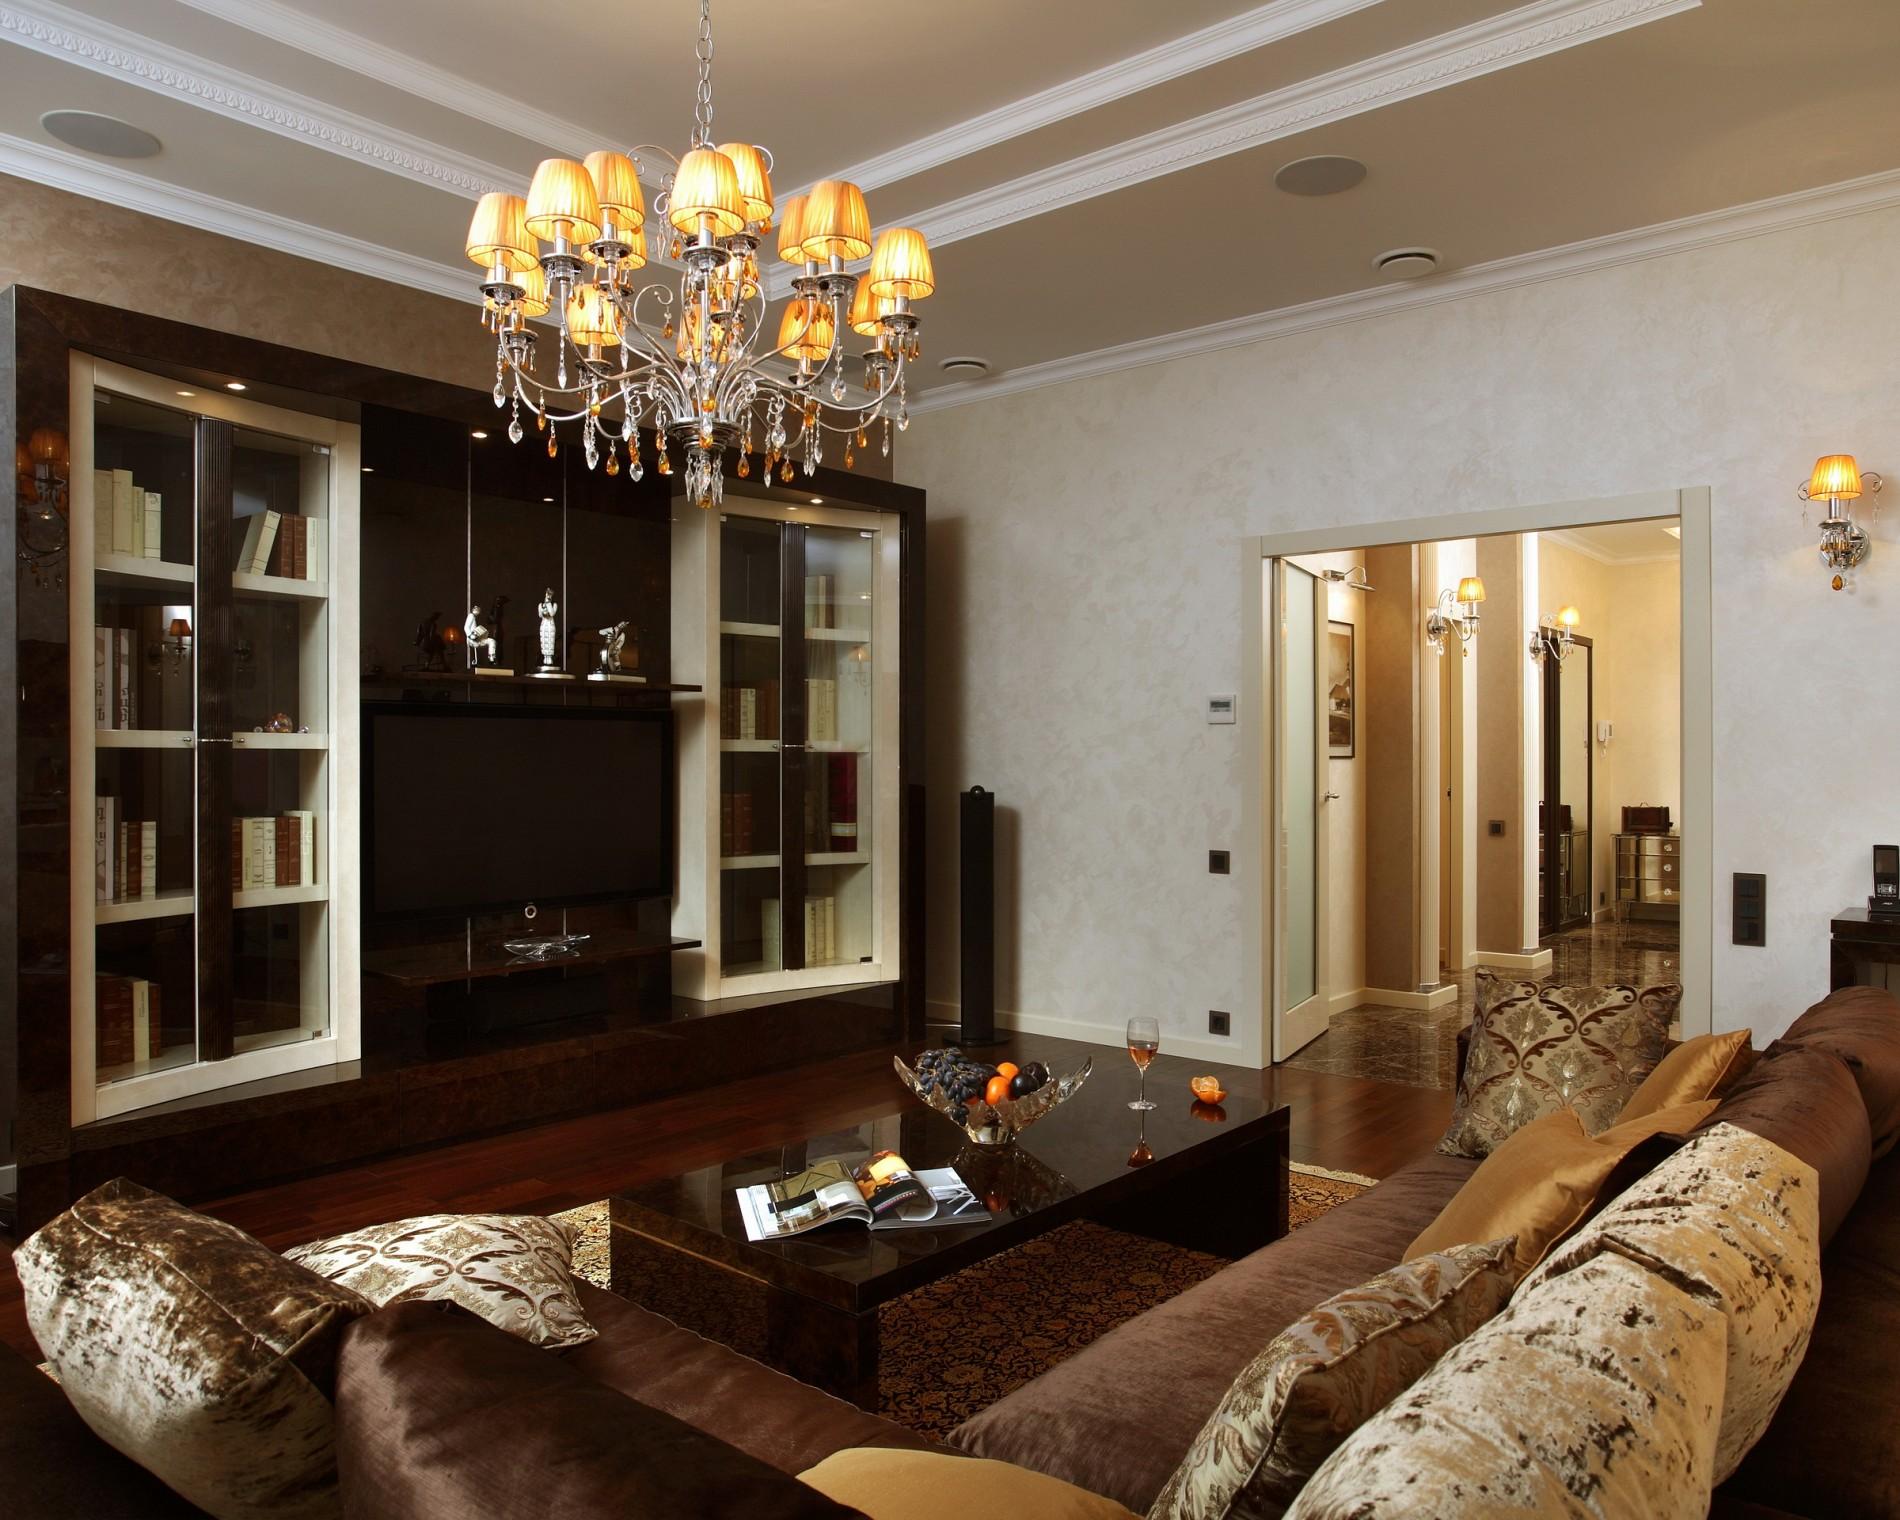 Квартира на Арбате в стиле ар деко